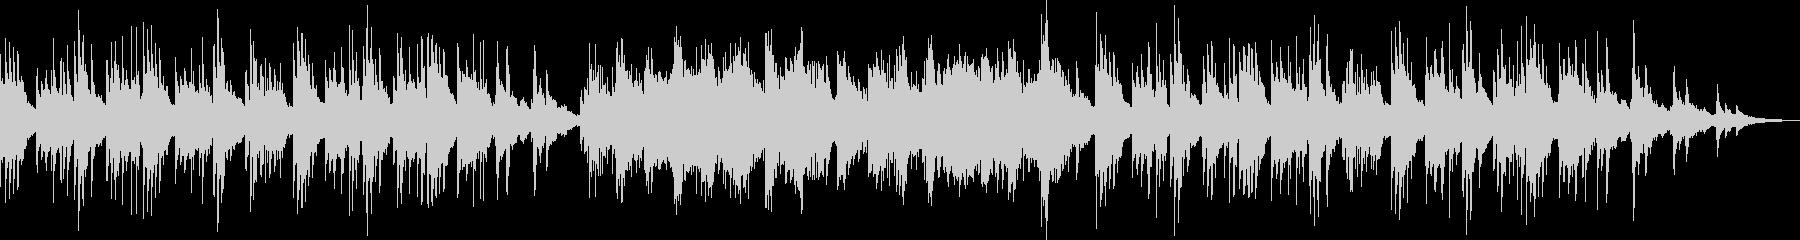 流れ星をイメージしたピアノソロの未再生の波形